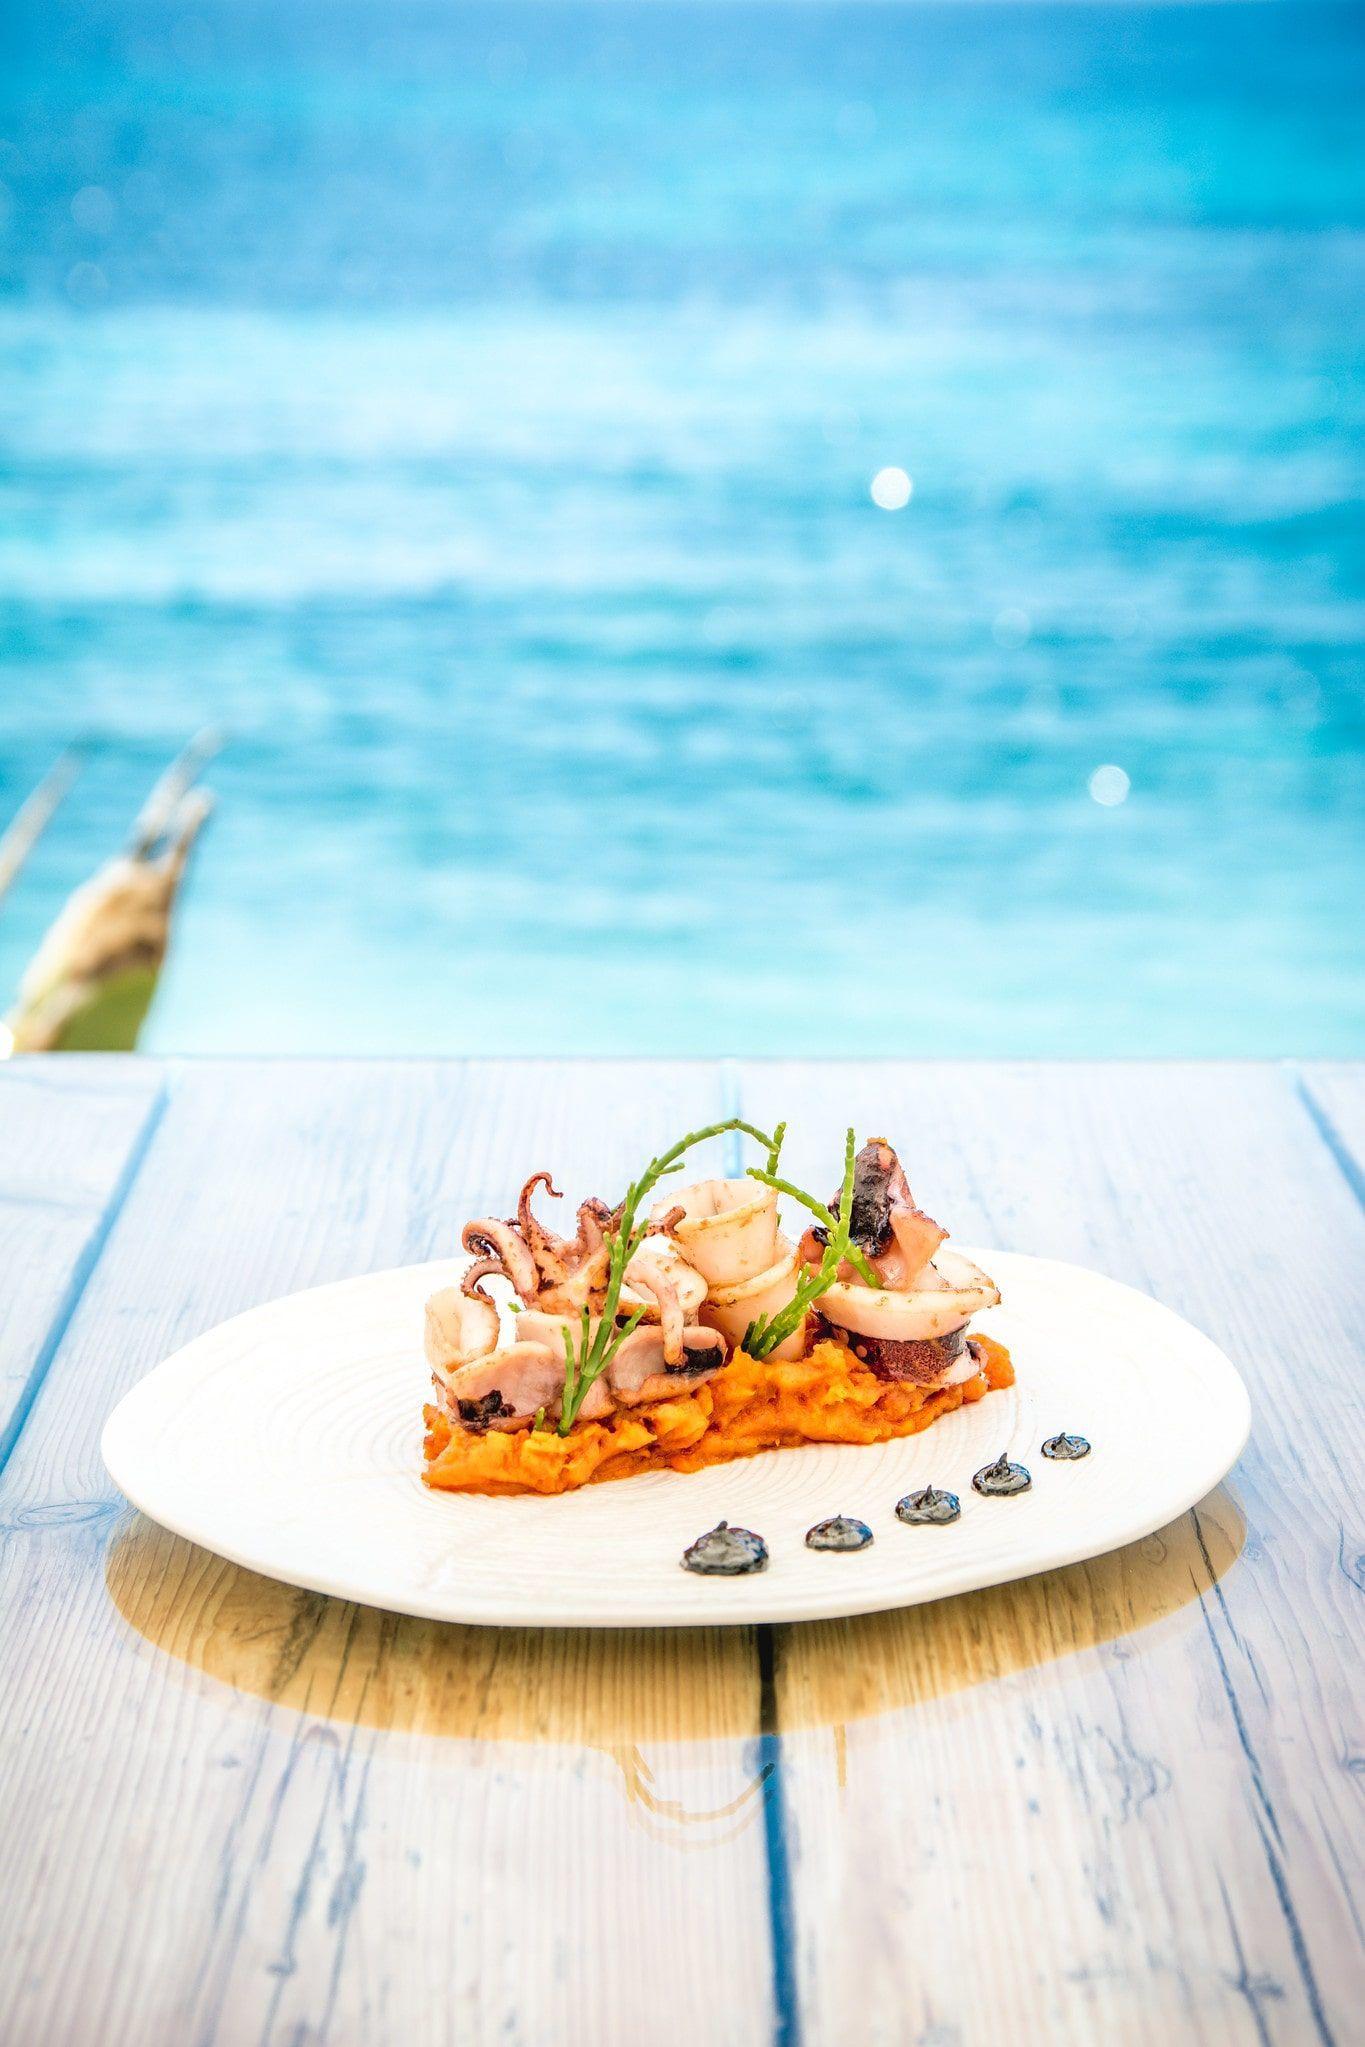 amante-ibiza-mejores-restaurantes-ibiza